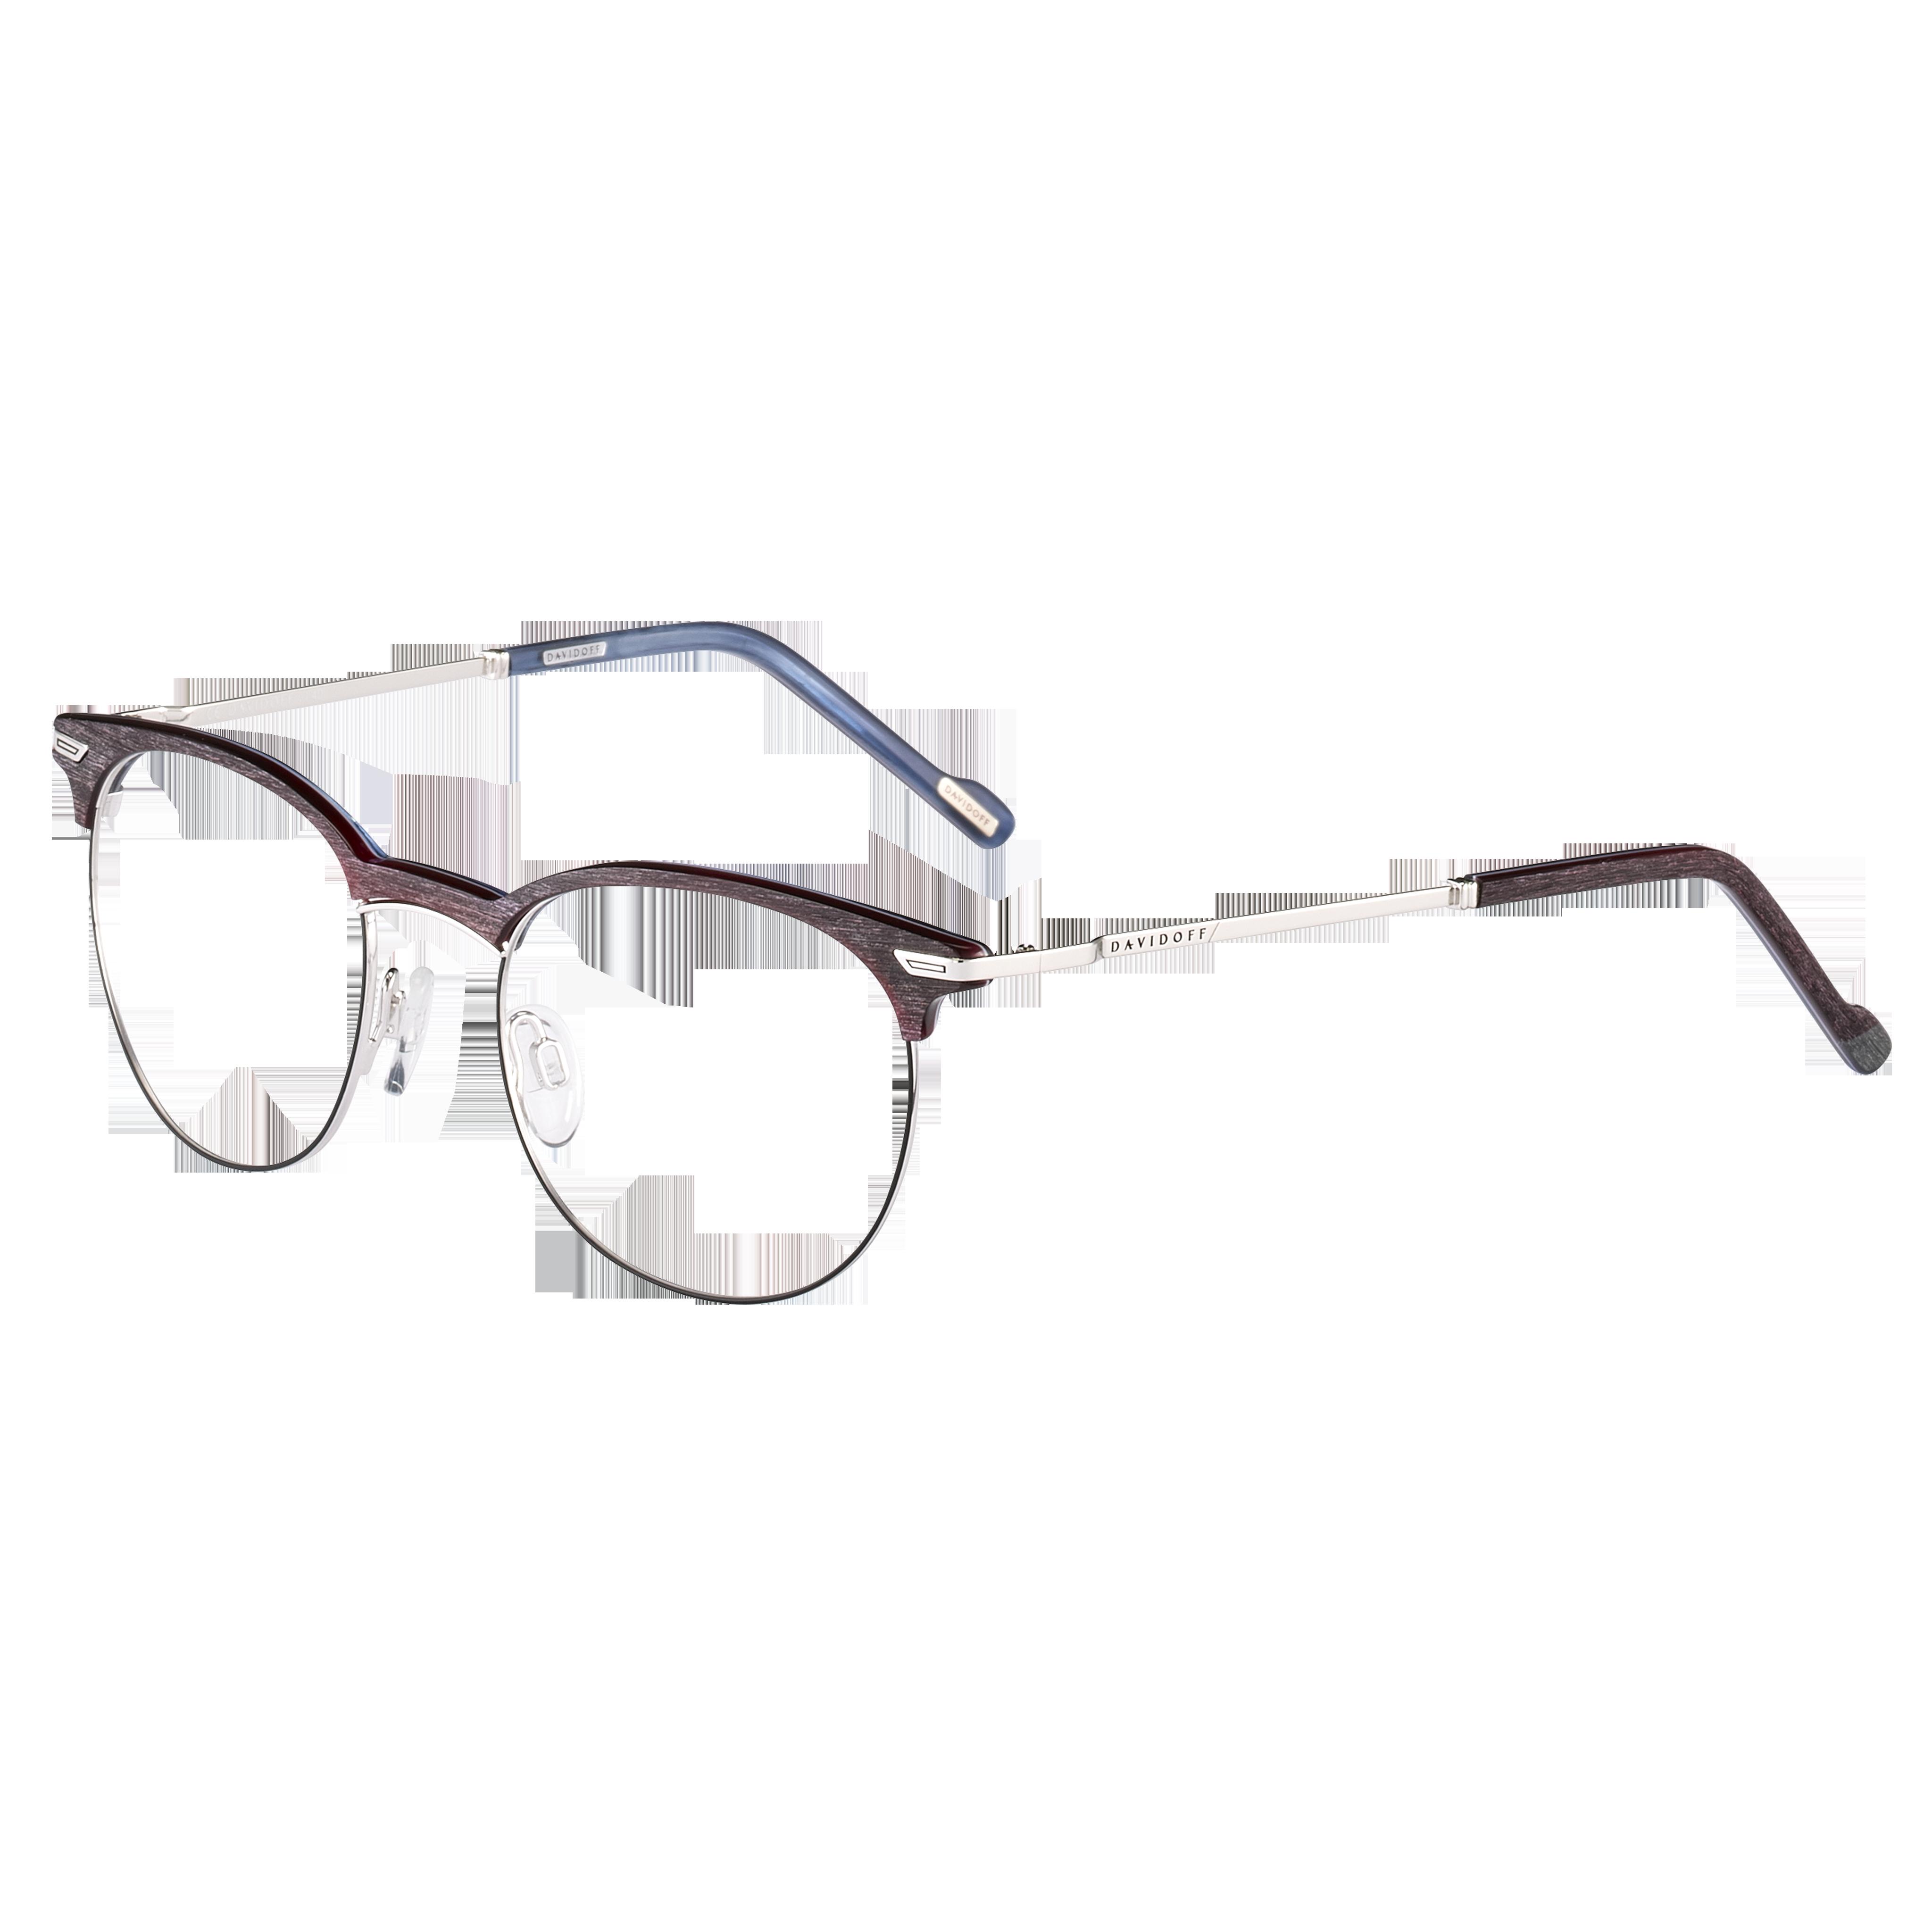 Optical frame – Mod. 92056 color ref. 4567